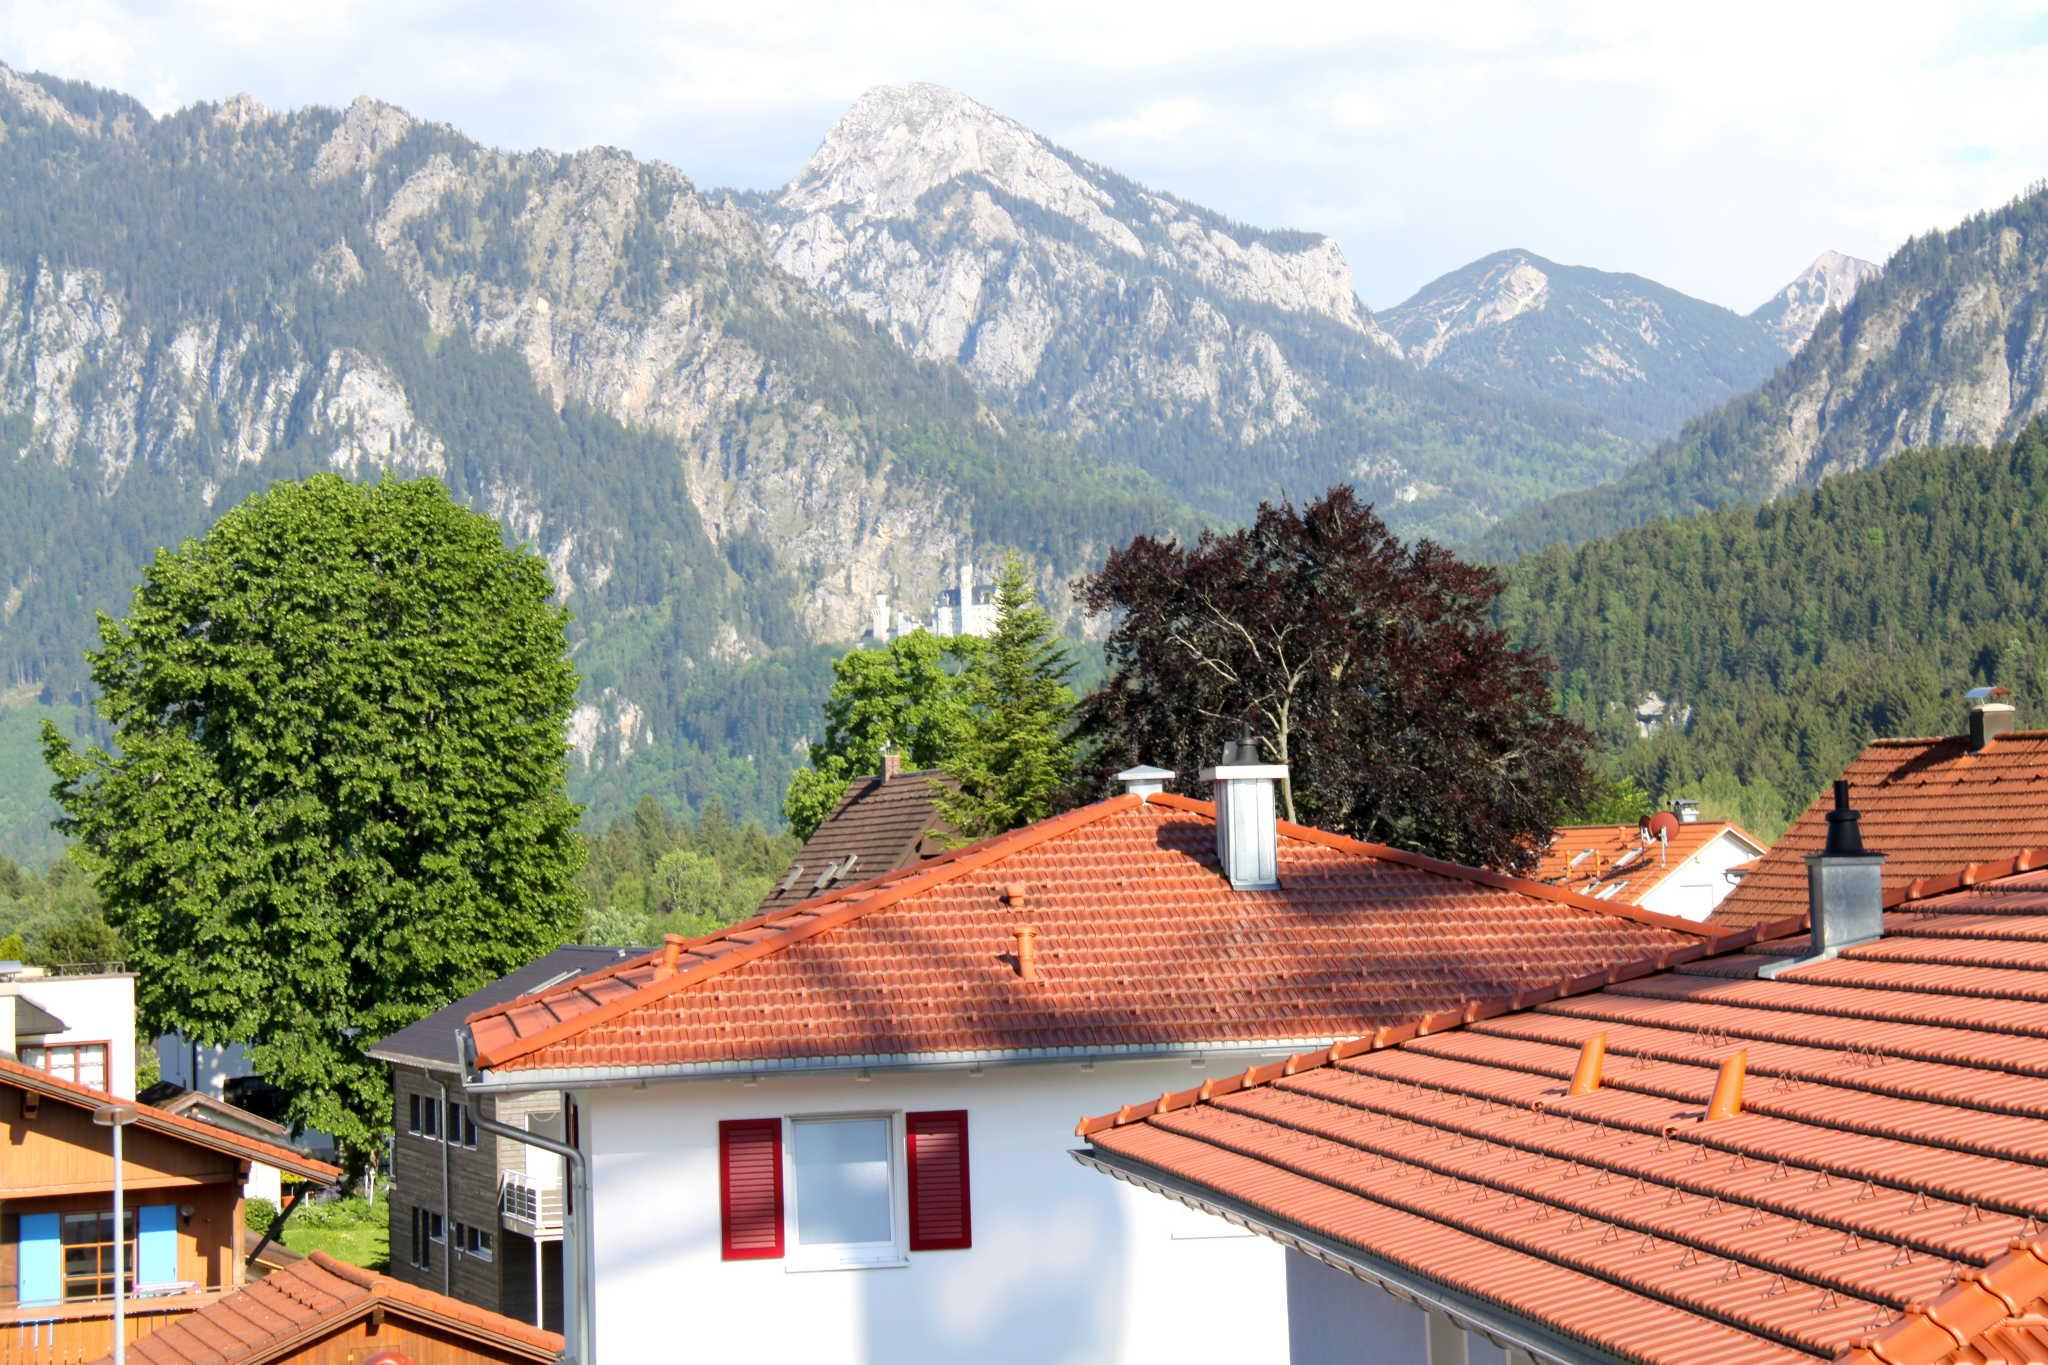 Blick vom Balkon aufs Schloss